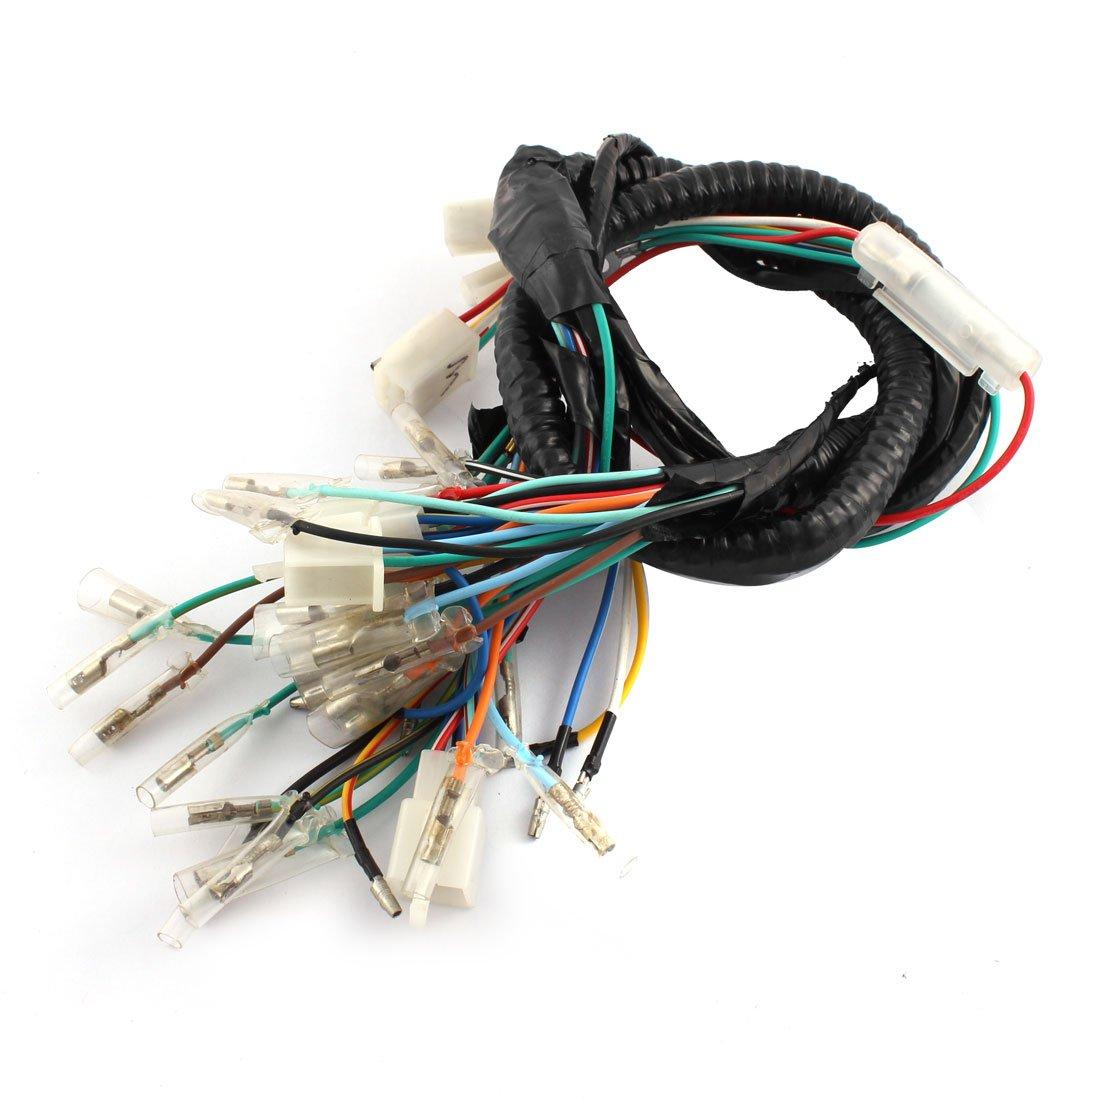 Wiremold V5 0 4 Dolgularcom Aftermarket Wiring Harness 4.6 Ford